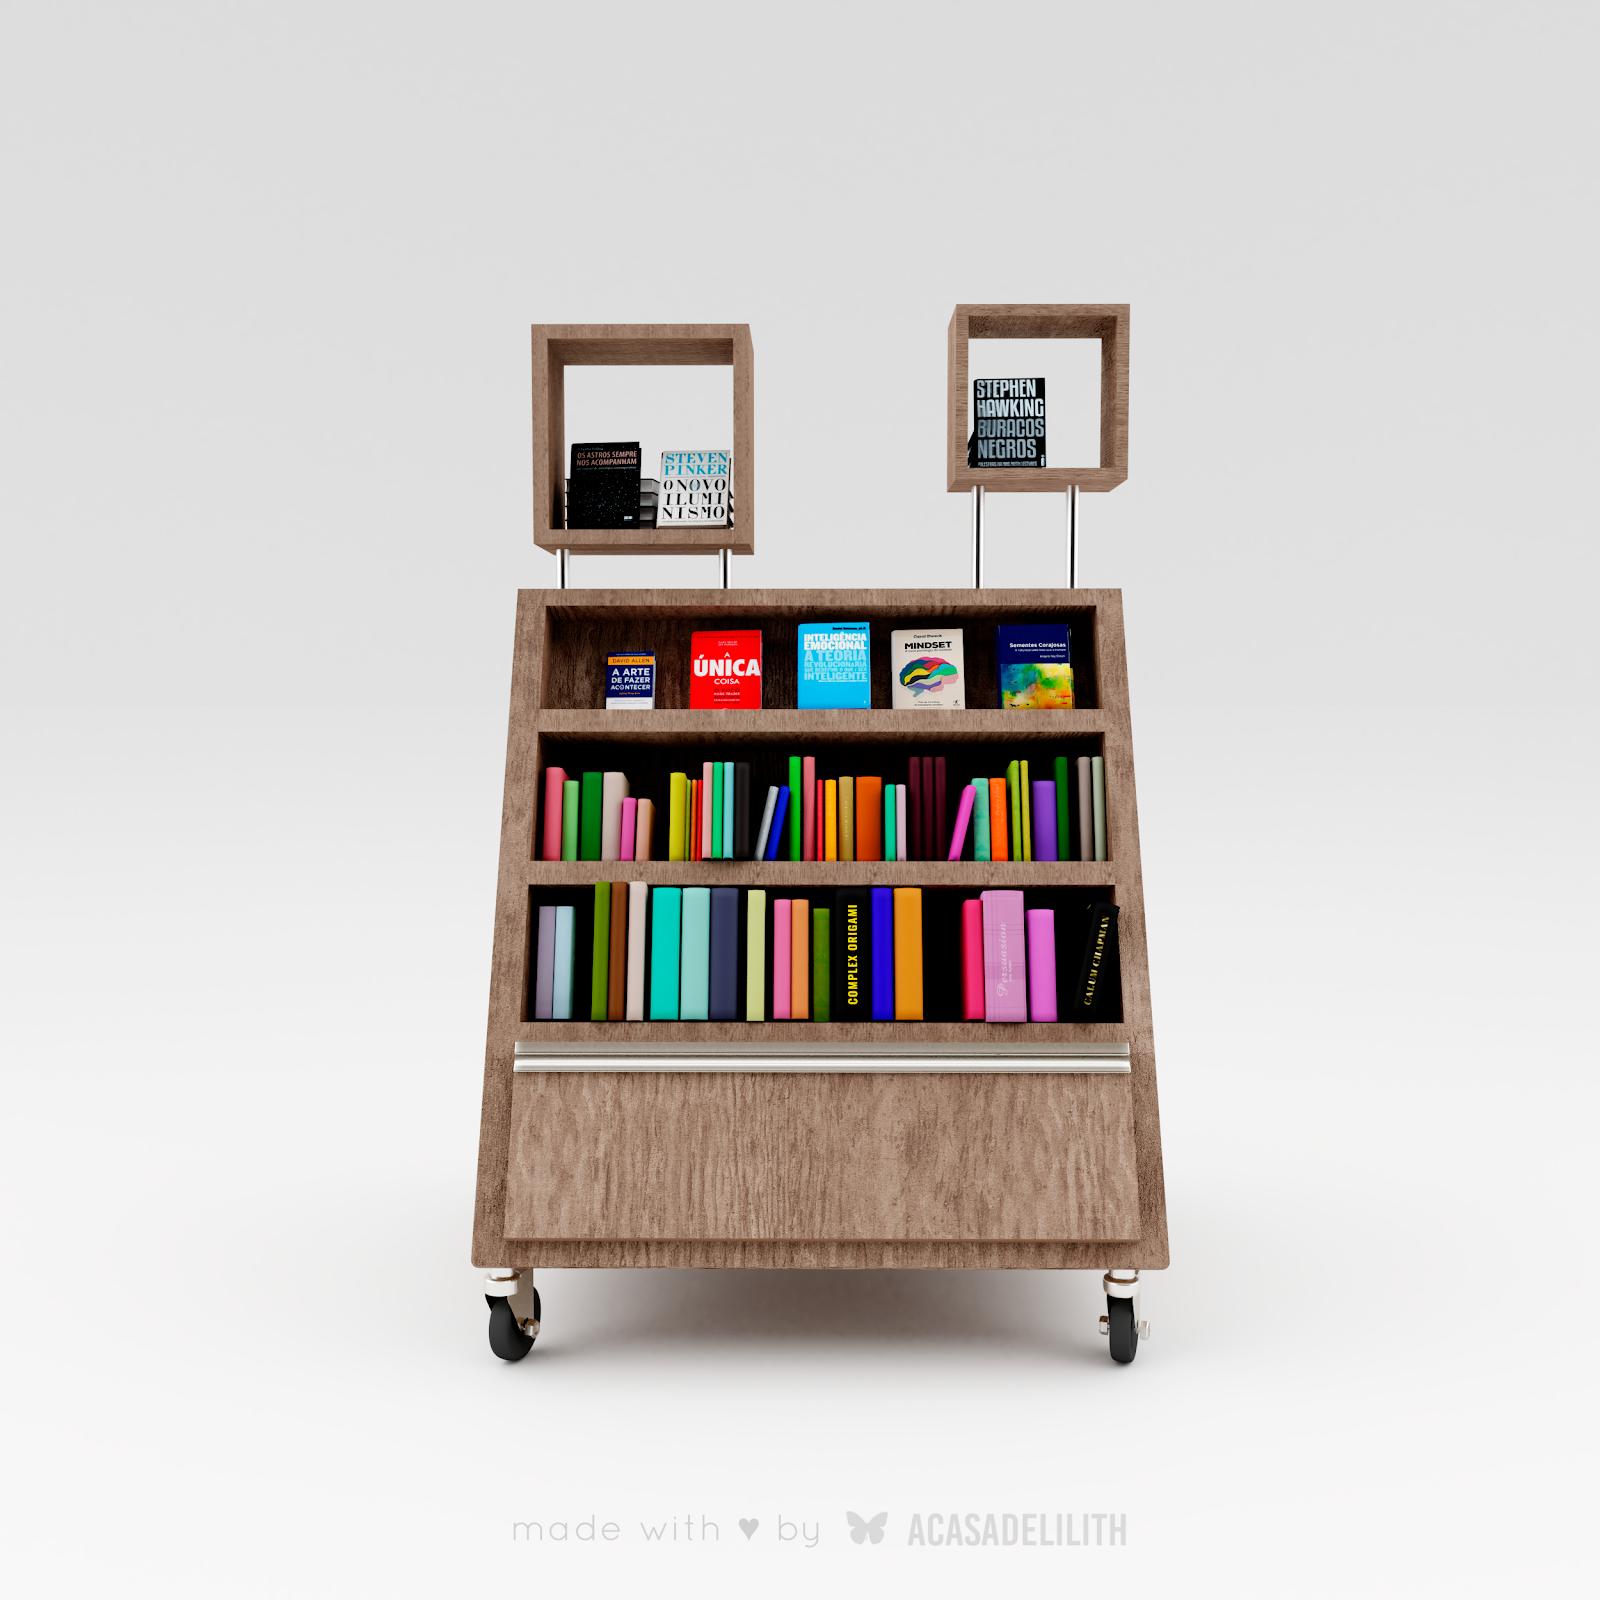 Expositor para Livraria com Rodinhas (Mobile book cart) - Formato Triangular